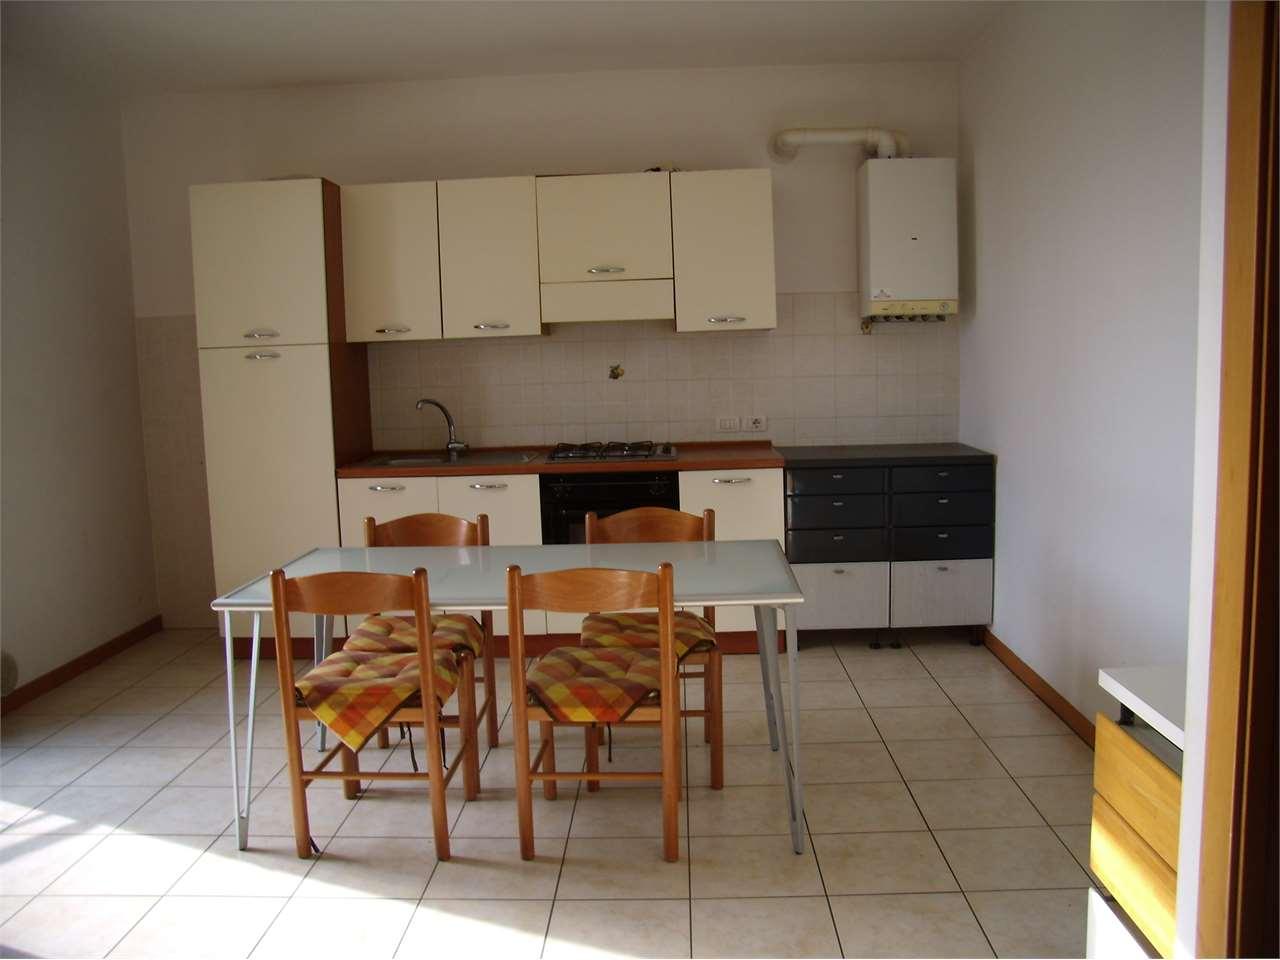 Appartamento in vendita a Annone Veneto, 3 locali, prezzo € 85.000 | Cambio Casa.it